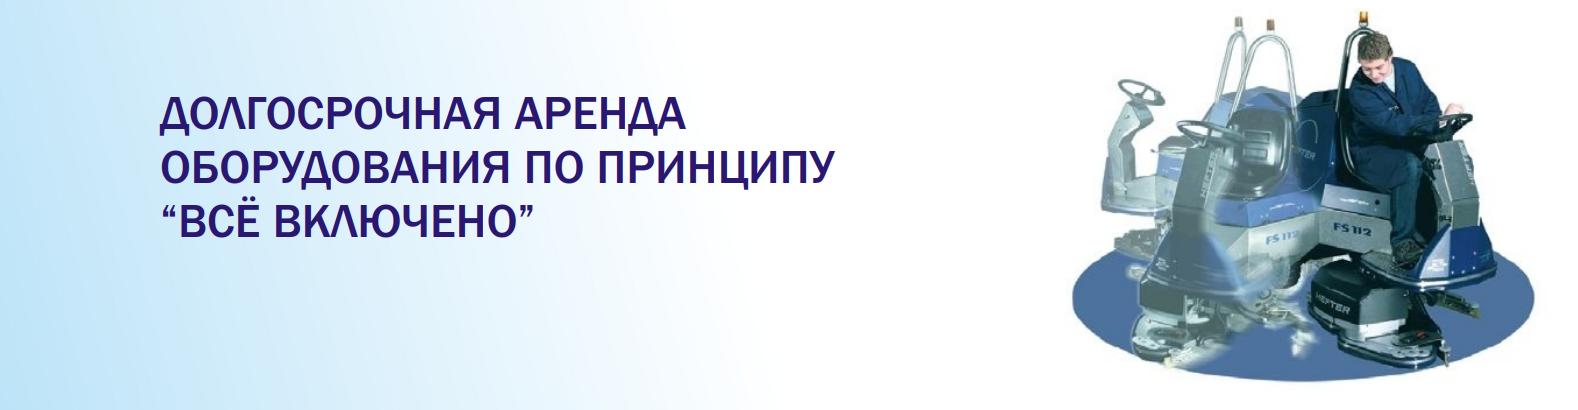 аренда клинингового оборудования